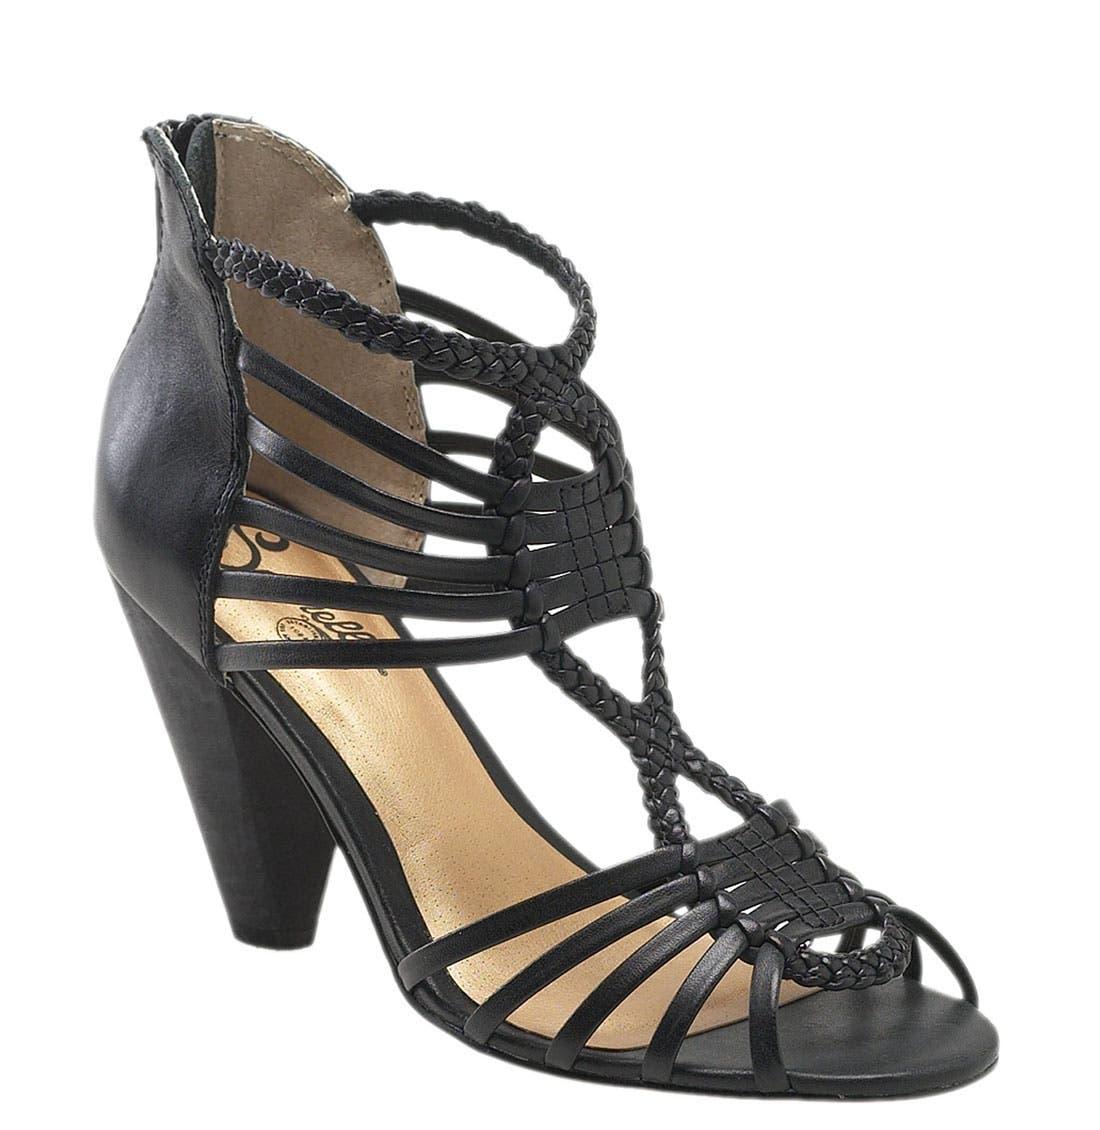 Main Image - Seychelles 'She's Got the Moves' Sandal